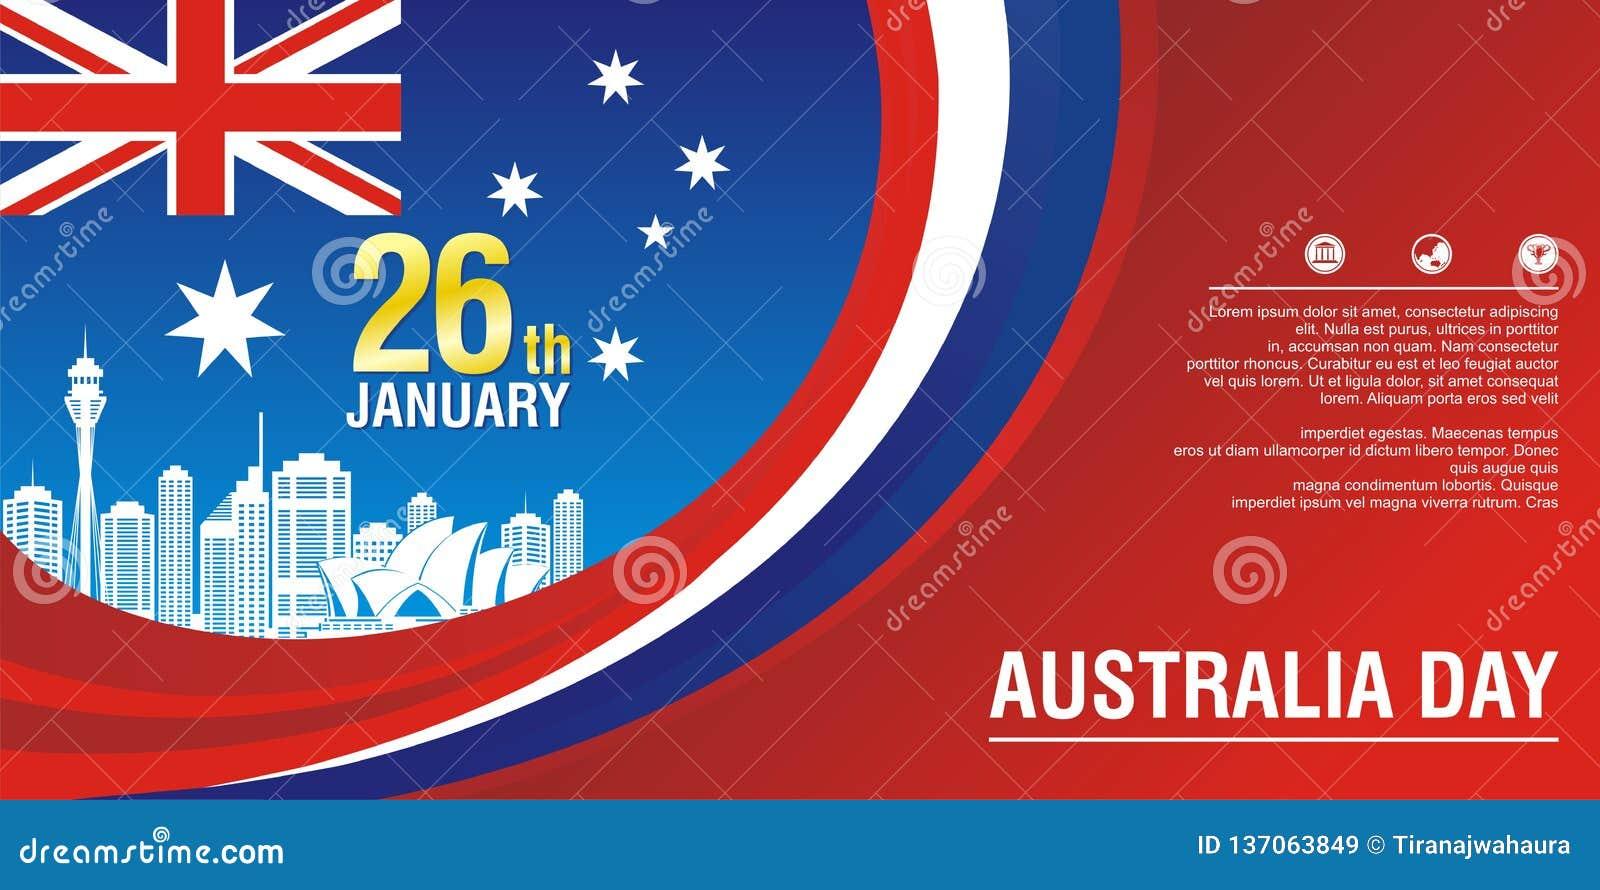 Inseto à moda, com estilo da bandeira de Austrália e projeto da onda